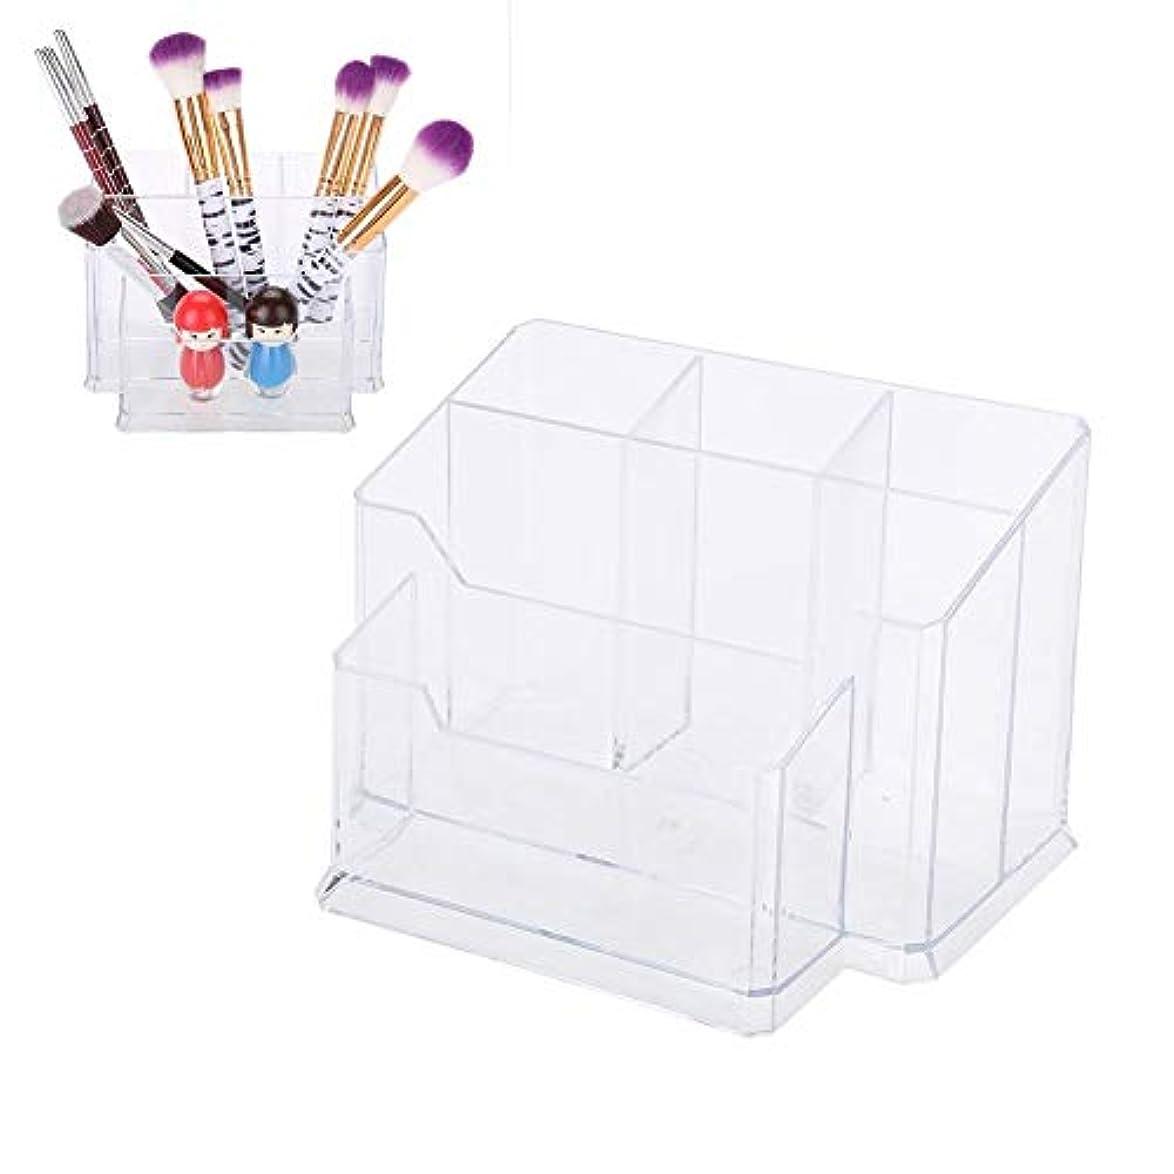 モディッシュデュアル虚栄心化粧ブラシ収納ボックス アクリル製 コスメ収納 スタンド 口紅 リップ 小物入れ 透明